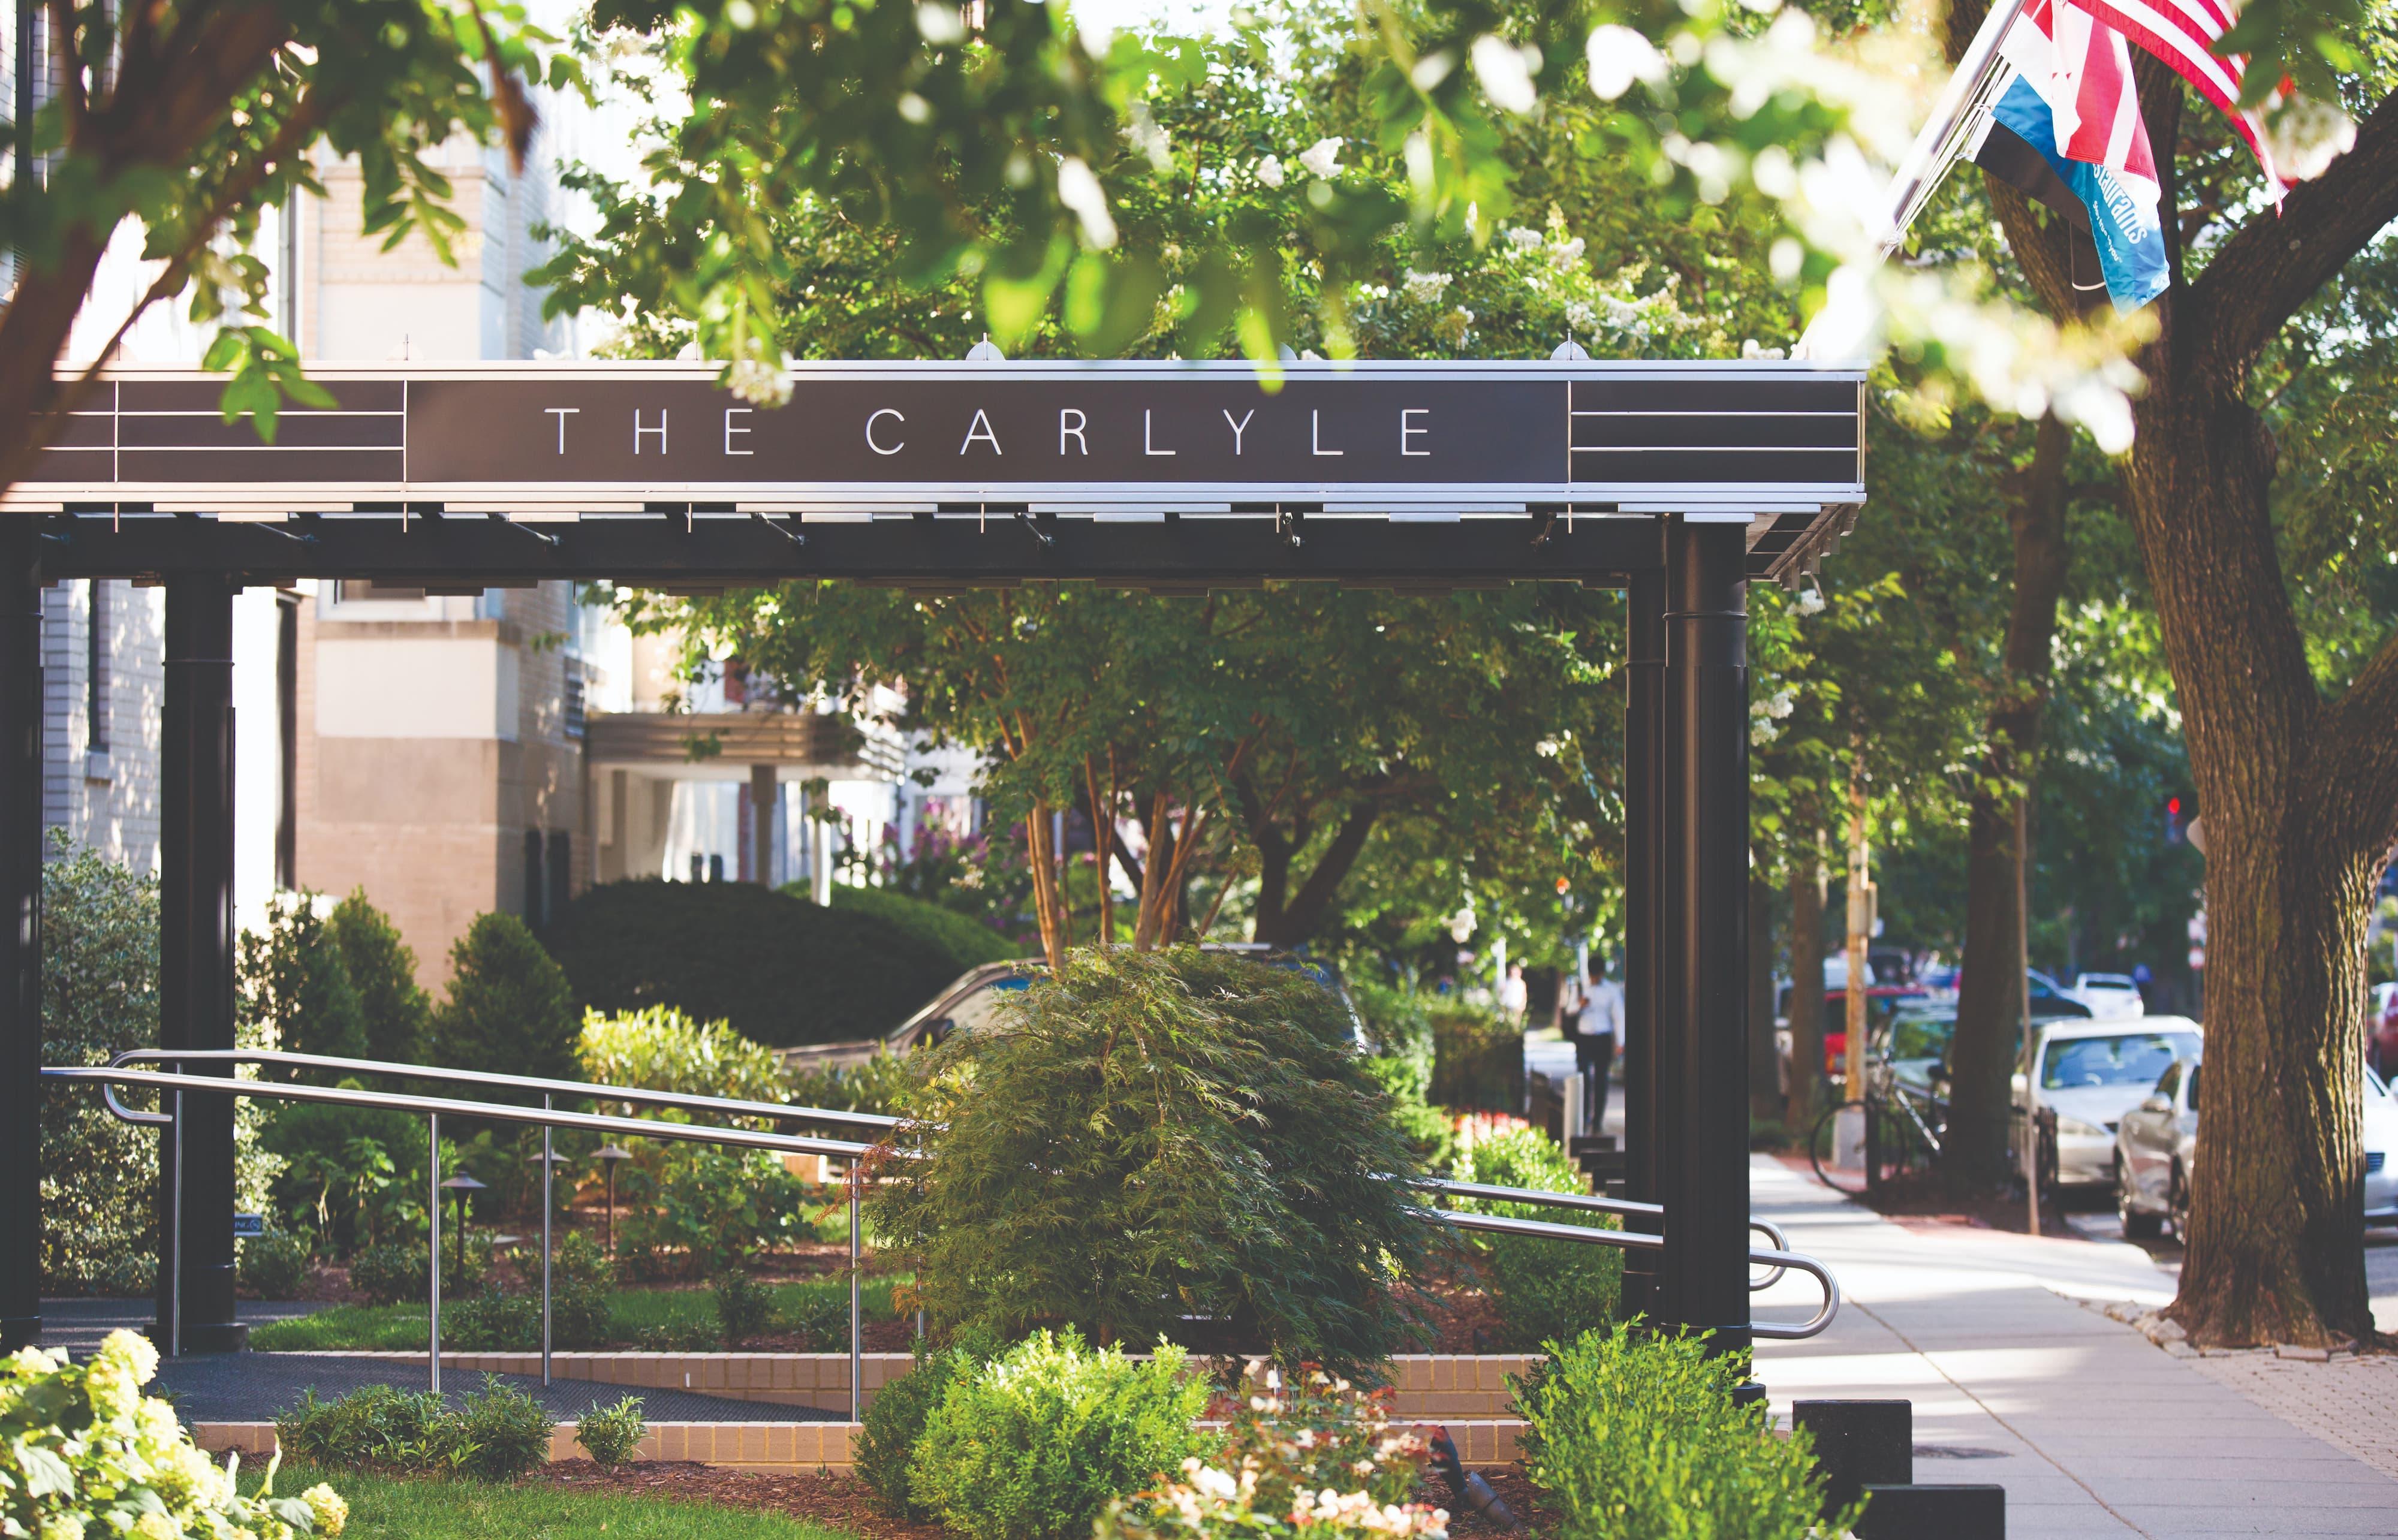 Kimpton Carlyle Hotel, em Washington, D.C., oferece aos hóspedes mostras de arte temporárias